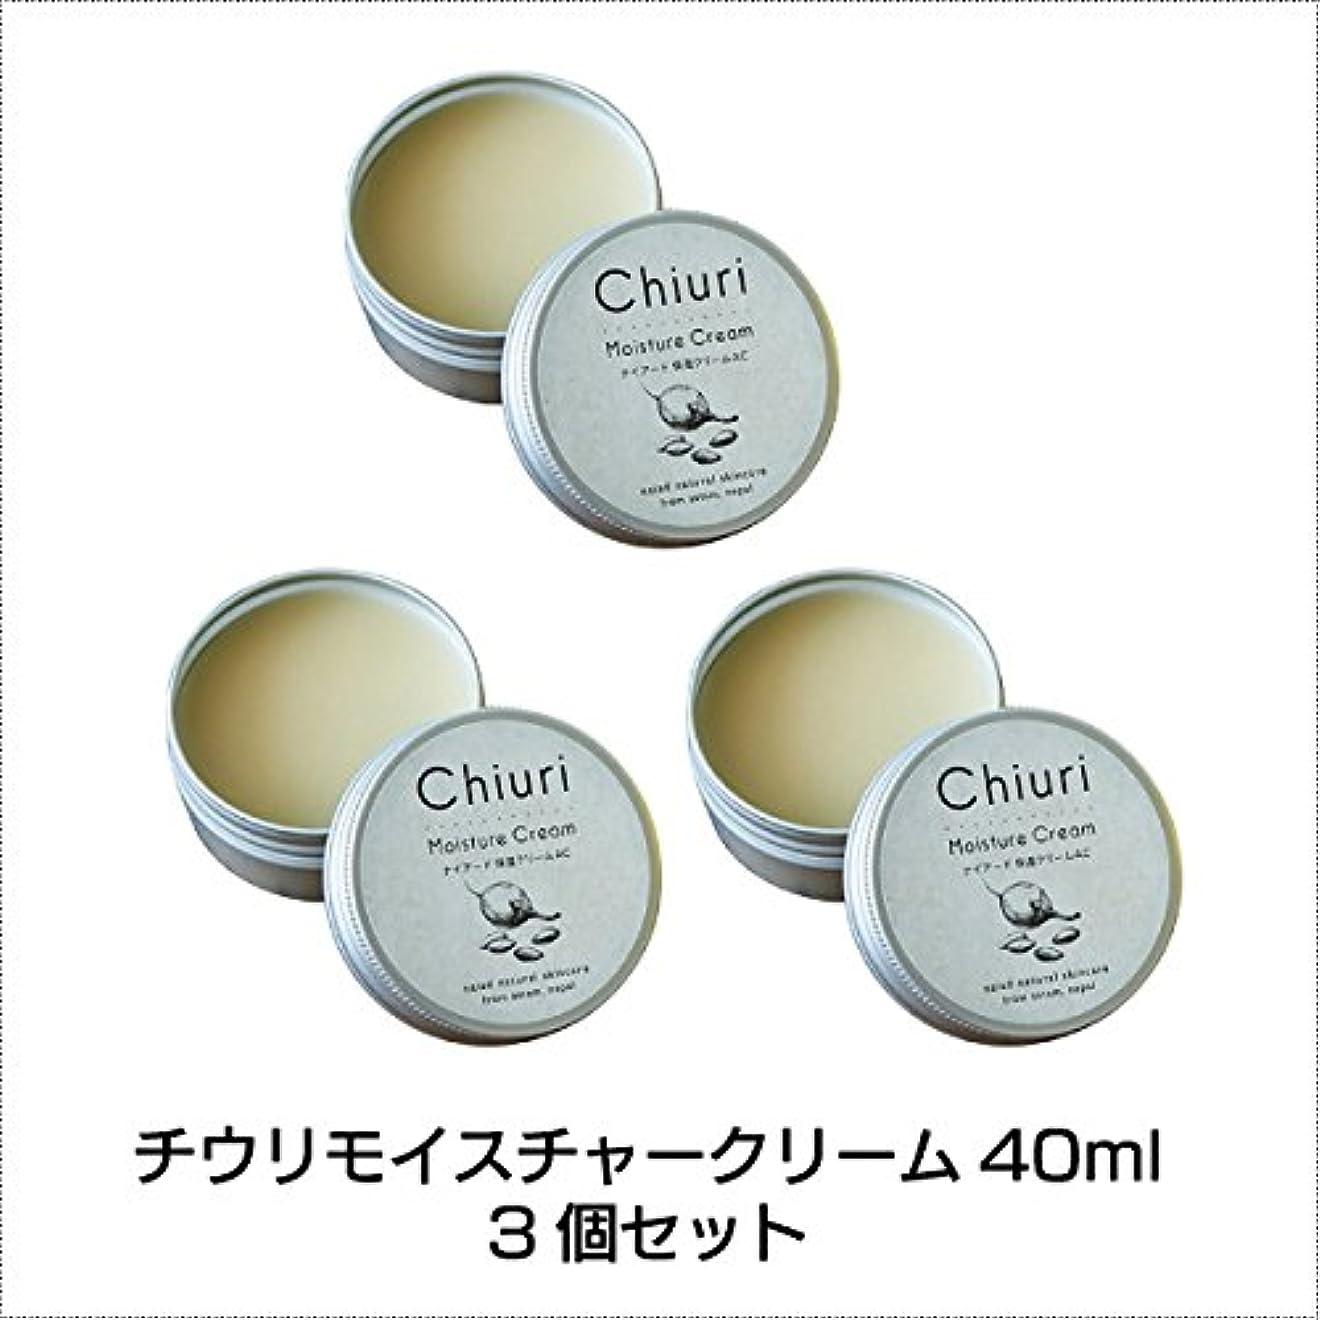 チウリモイスチャークリーム3個セット(40ml×3個)無添加保湿クリーム